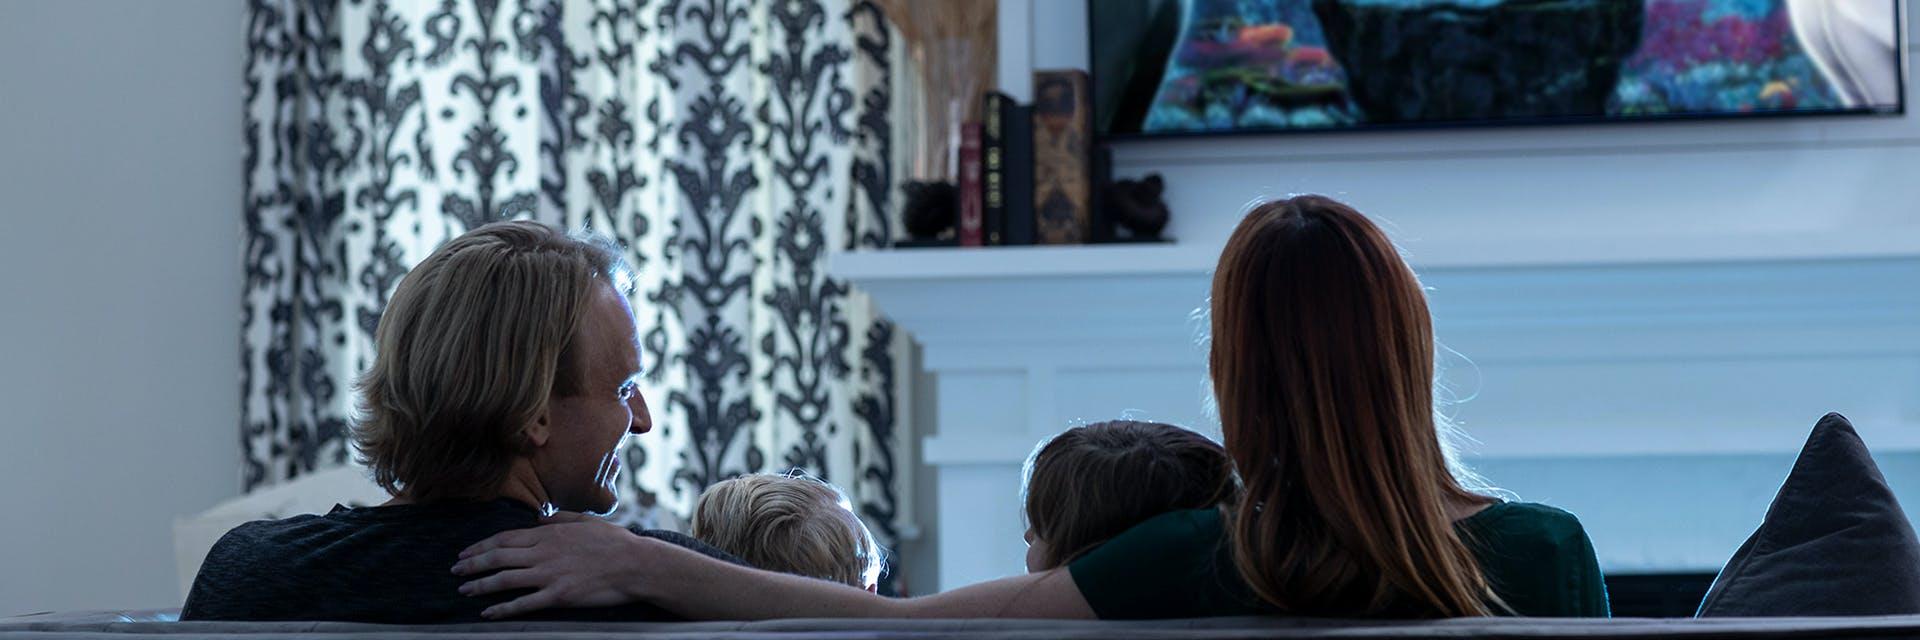 hero-watching-tv.jpg